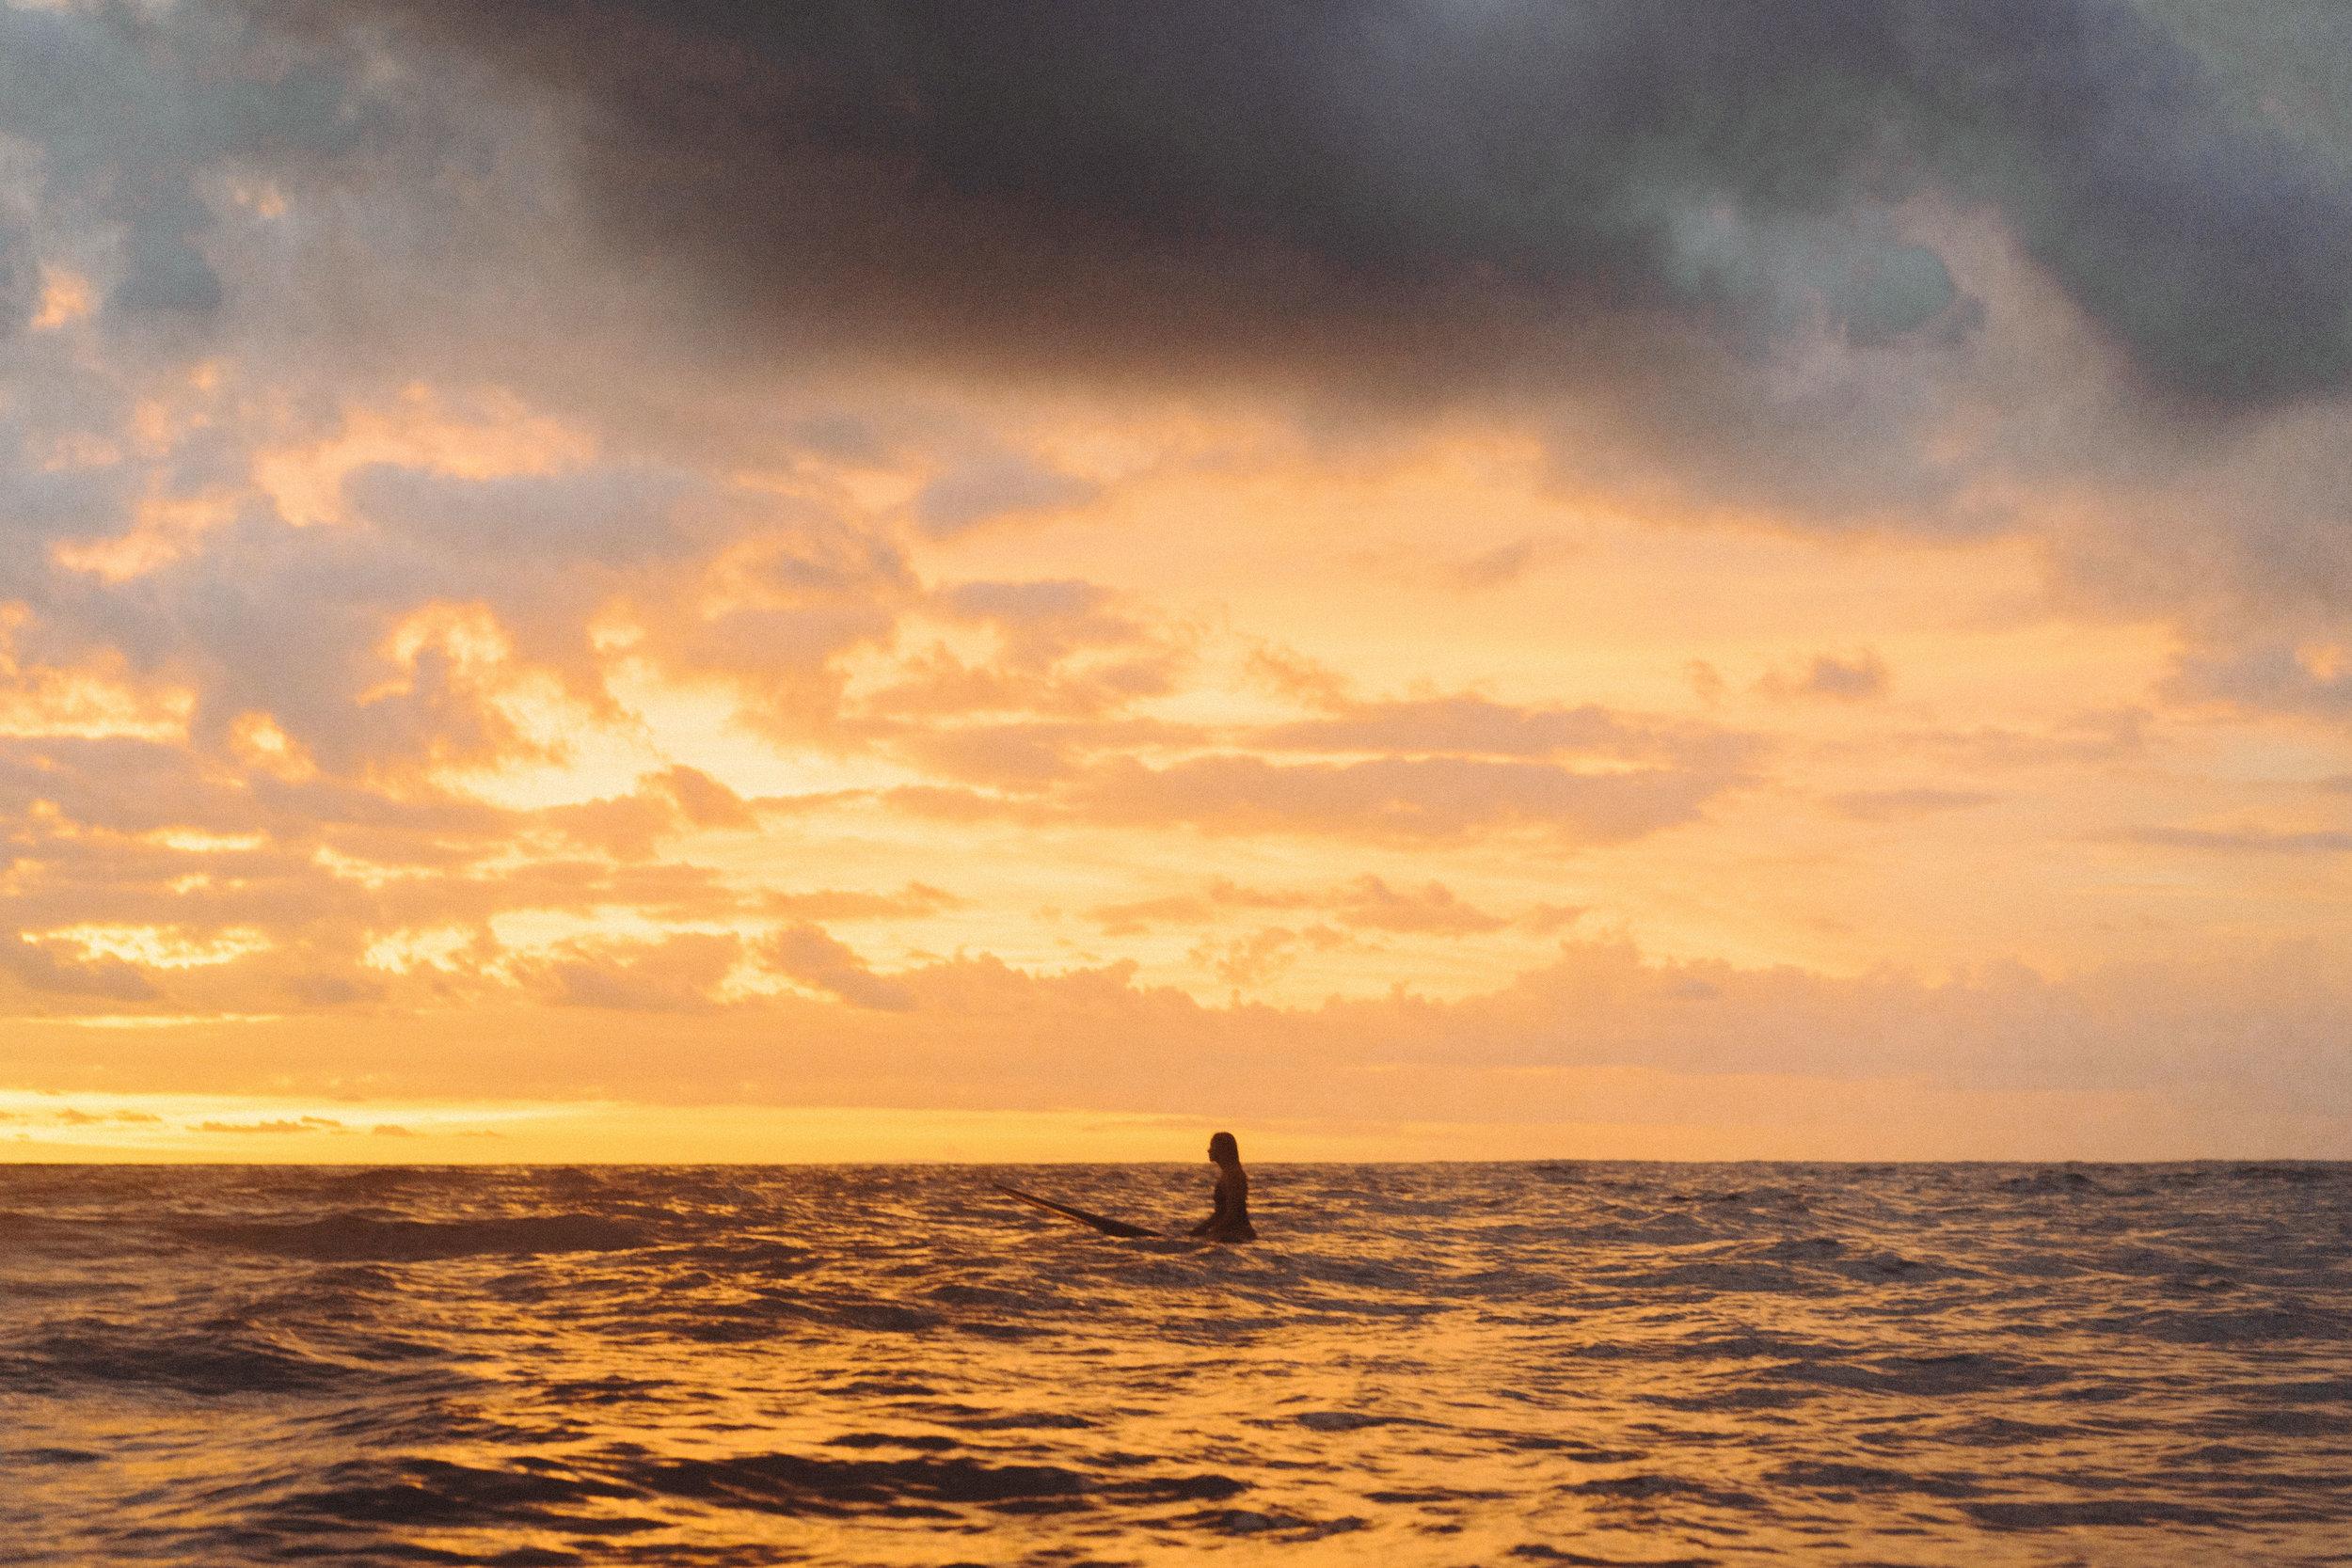 erik_winter_surf_surfing_28.jpg